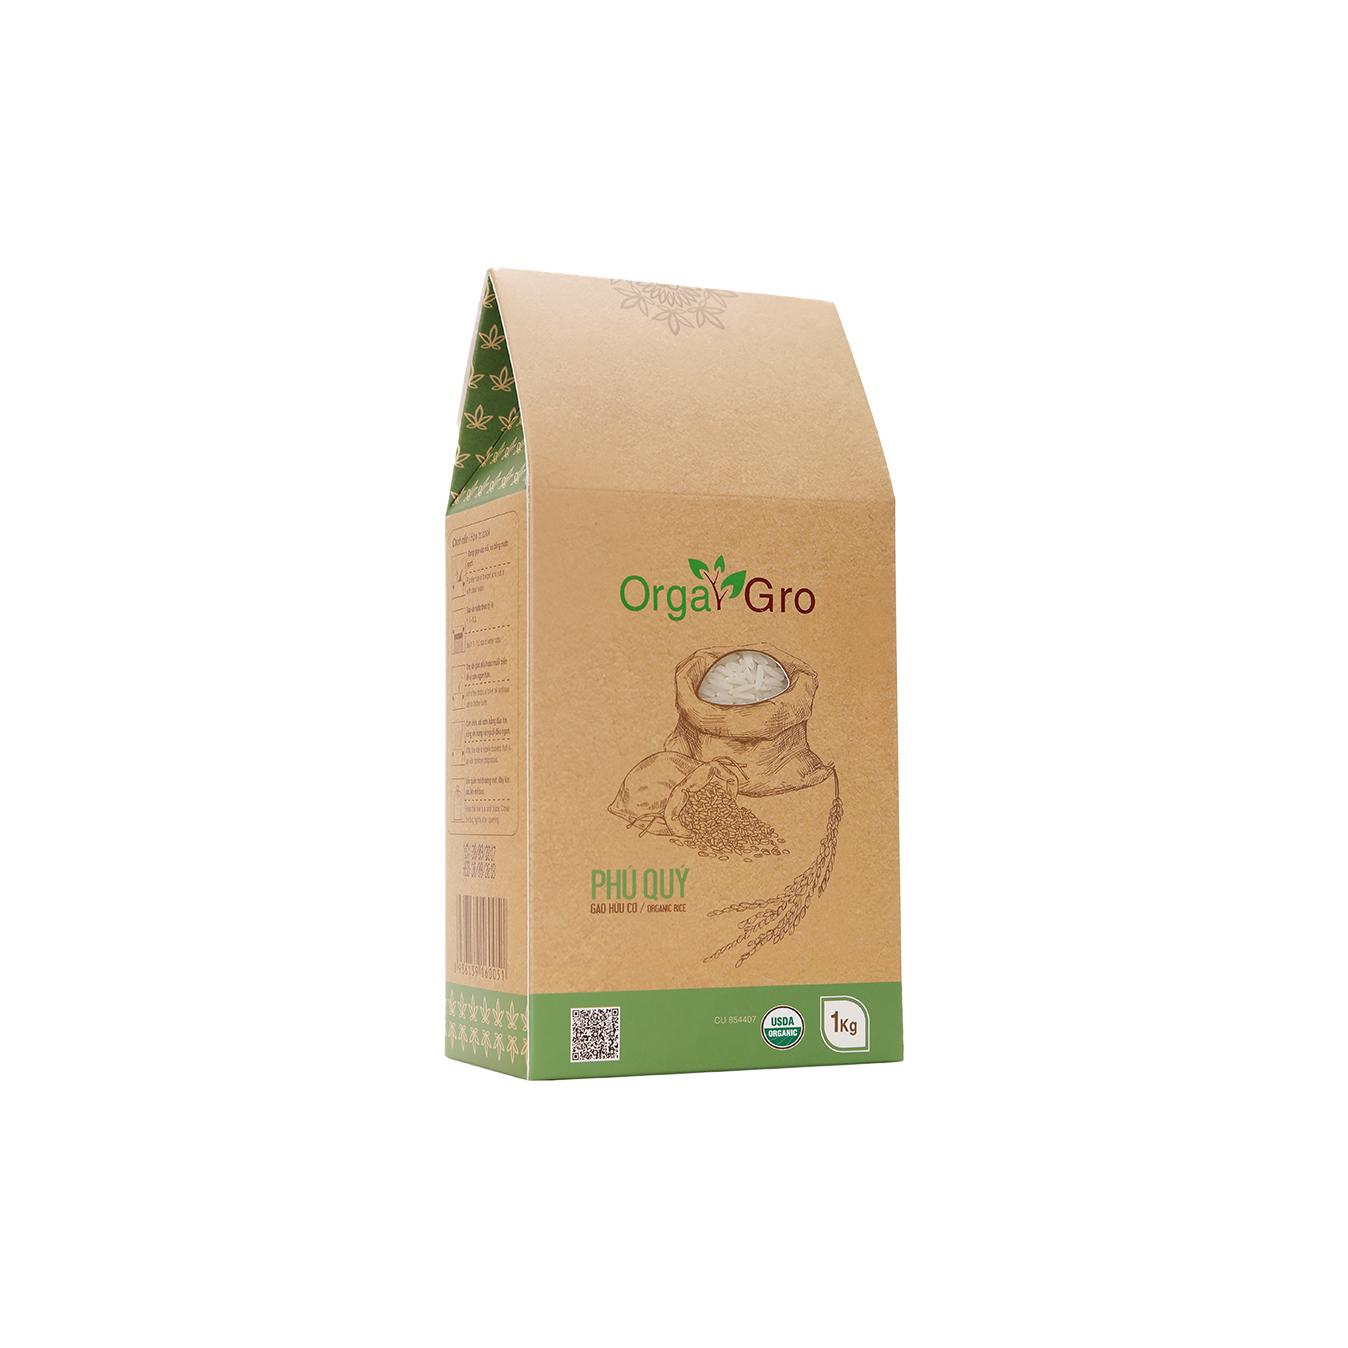 Gạo hữu cơ Phú quý OrgaGro 1kg